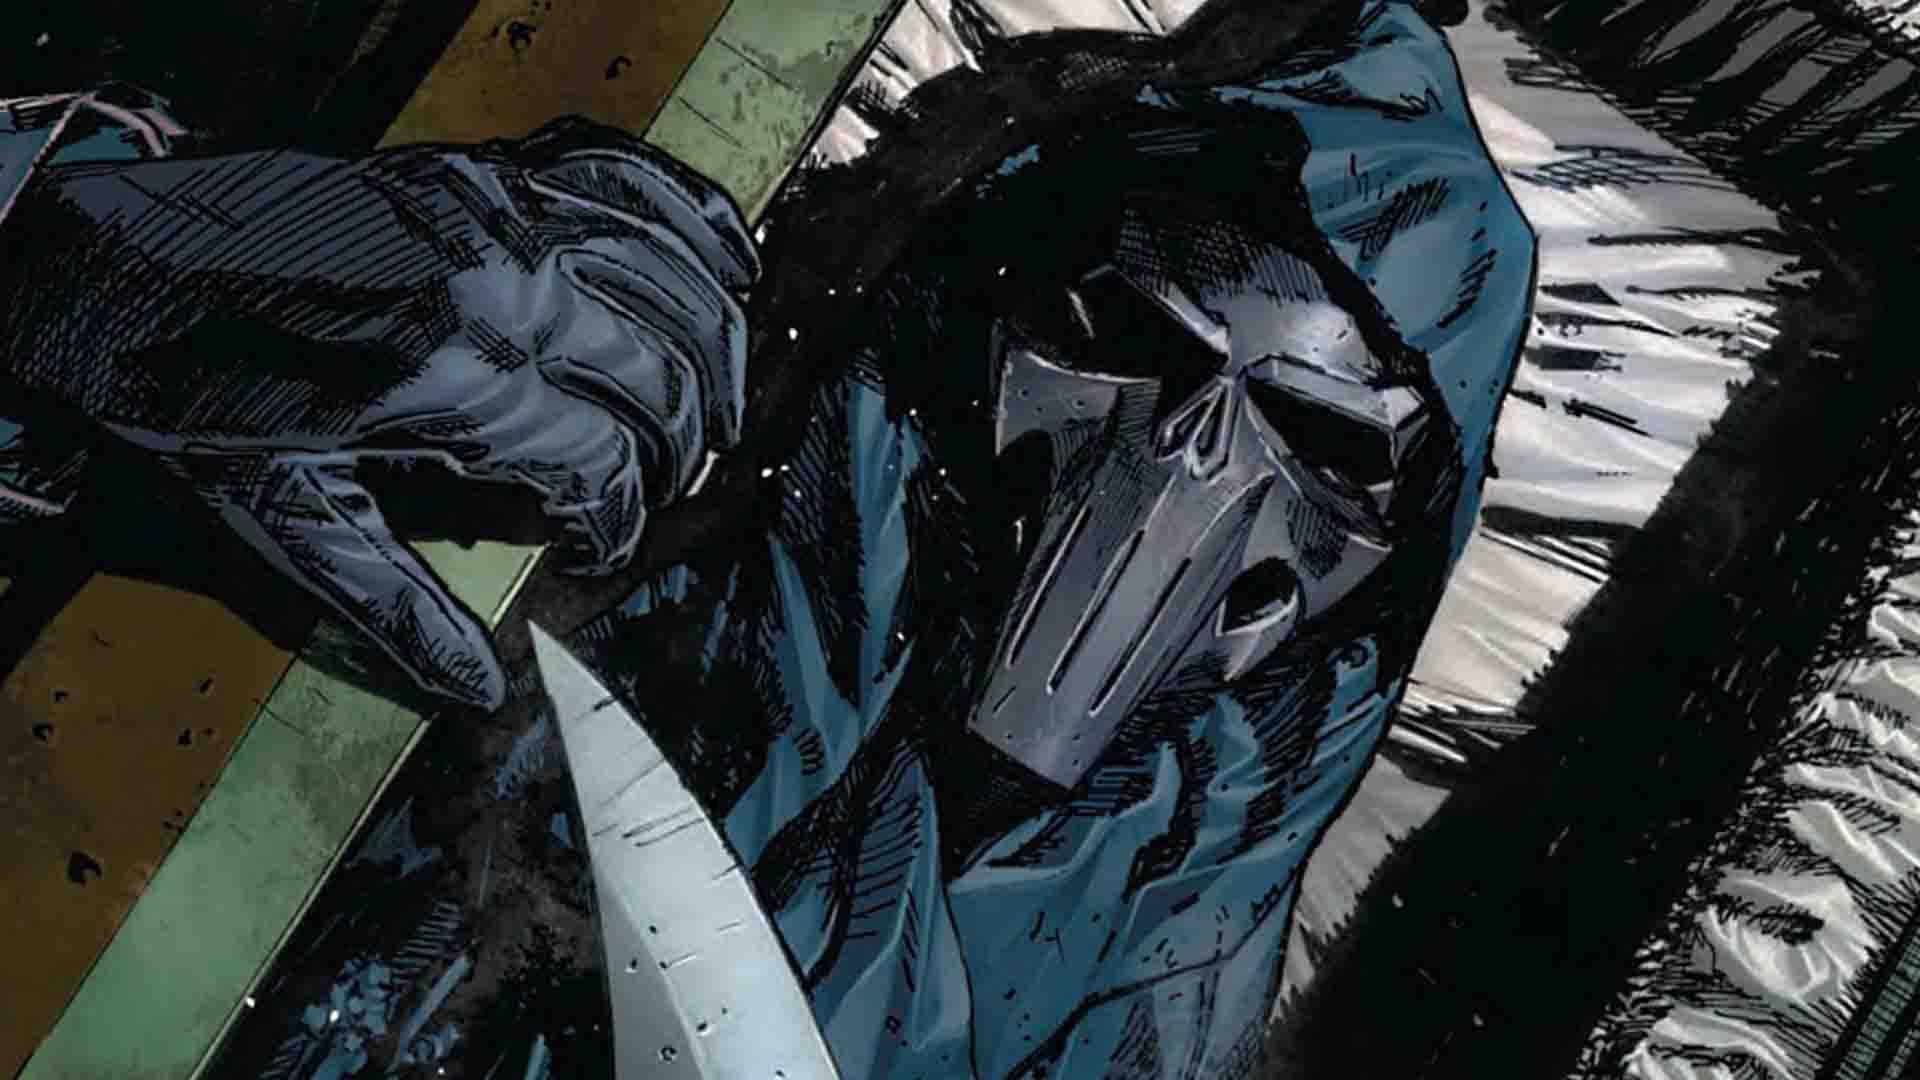 حضور شخصیت فانتازم در سری کتاب کمیک Batman/Catwoman